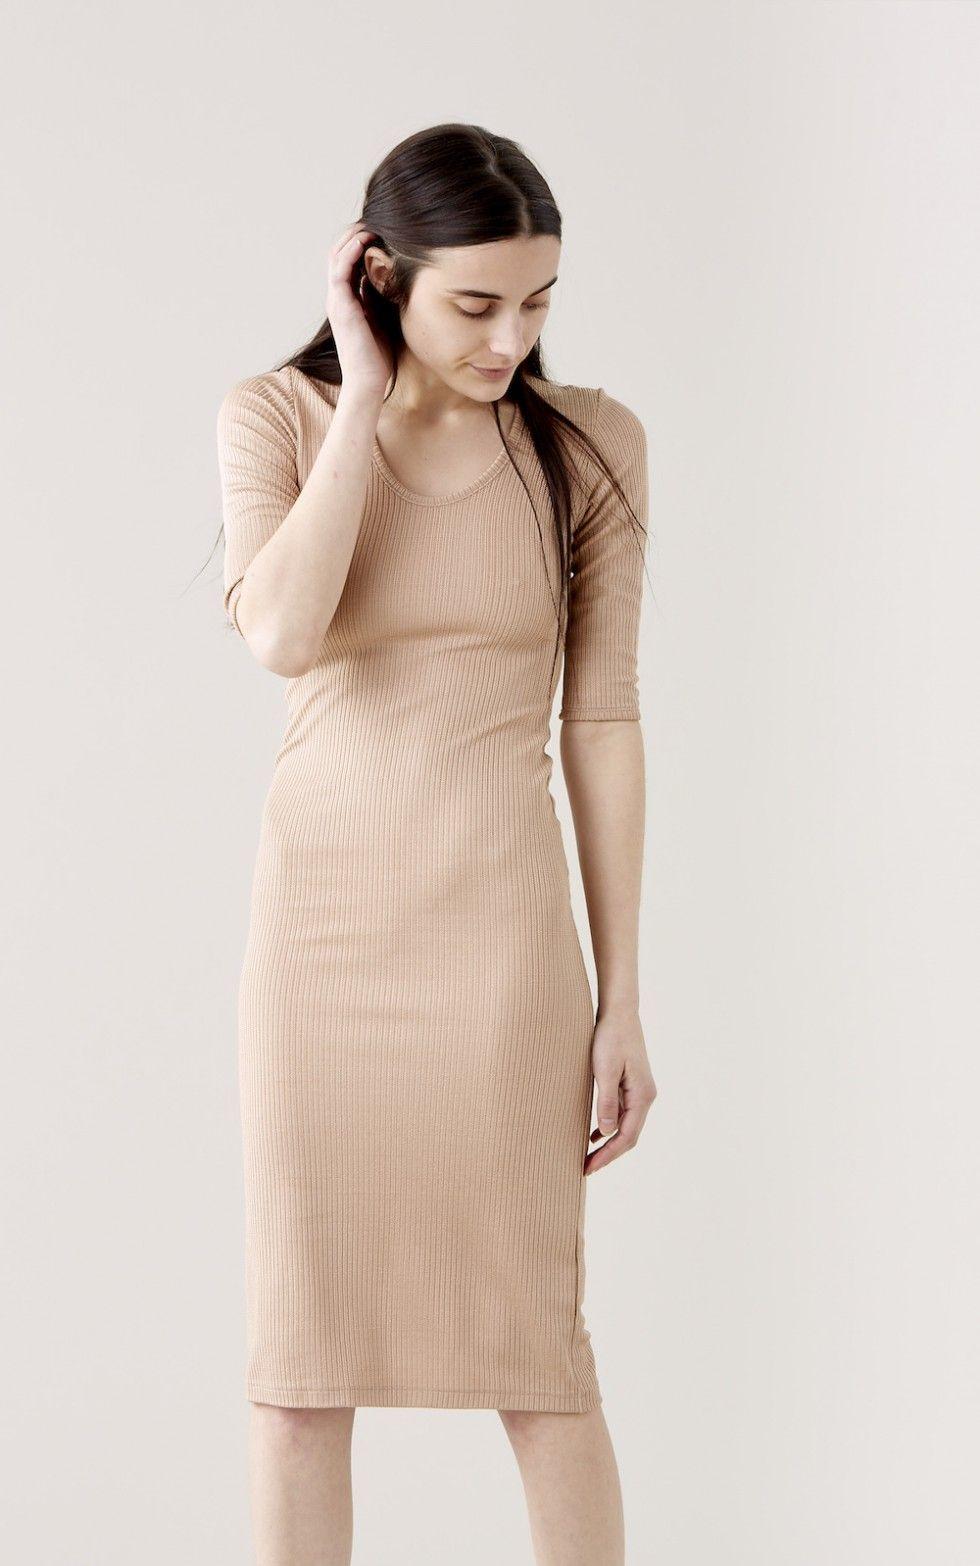 Anther Dress@tonjaamen